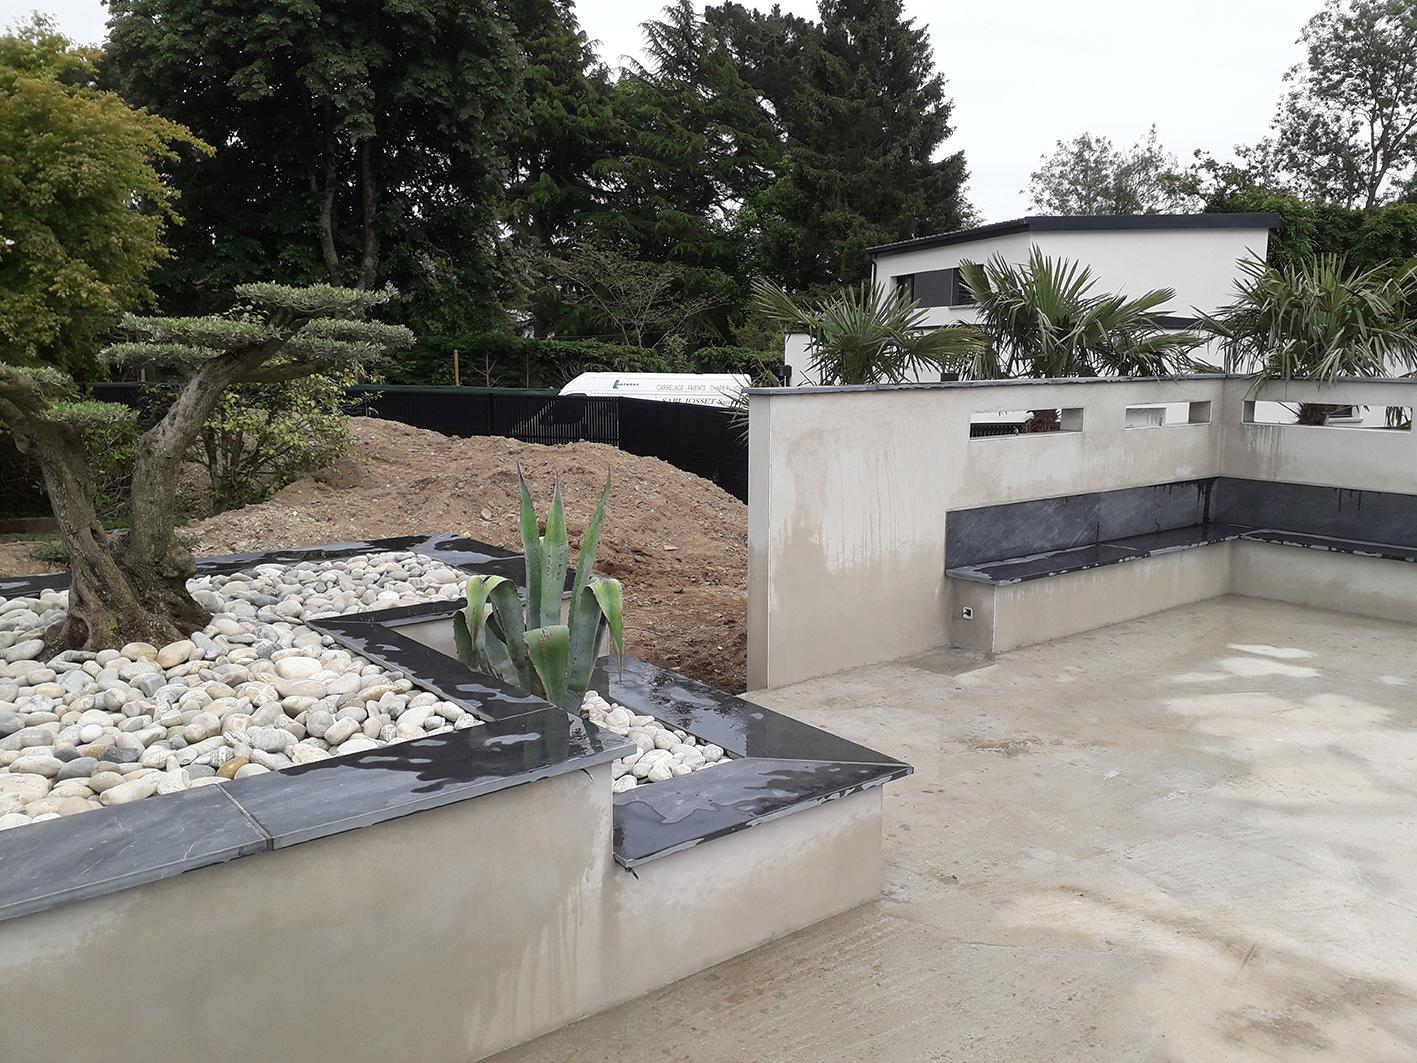 chantier en construction . jardinière . mur meurtrière . Jardins des 4 Saisons. Guer, Ploërmel, Redon, Plélan-Le-Grand, Maure de Bretagne